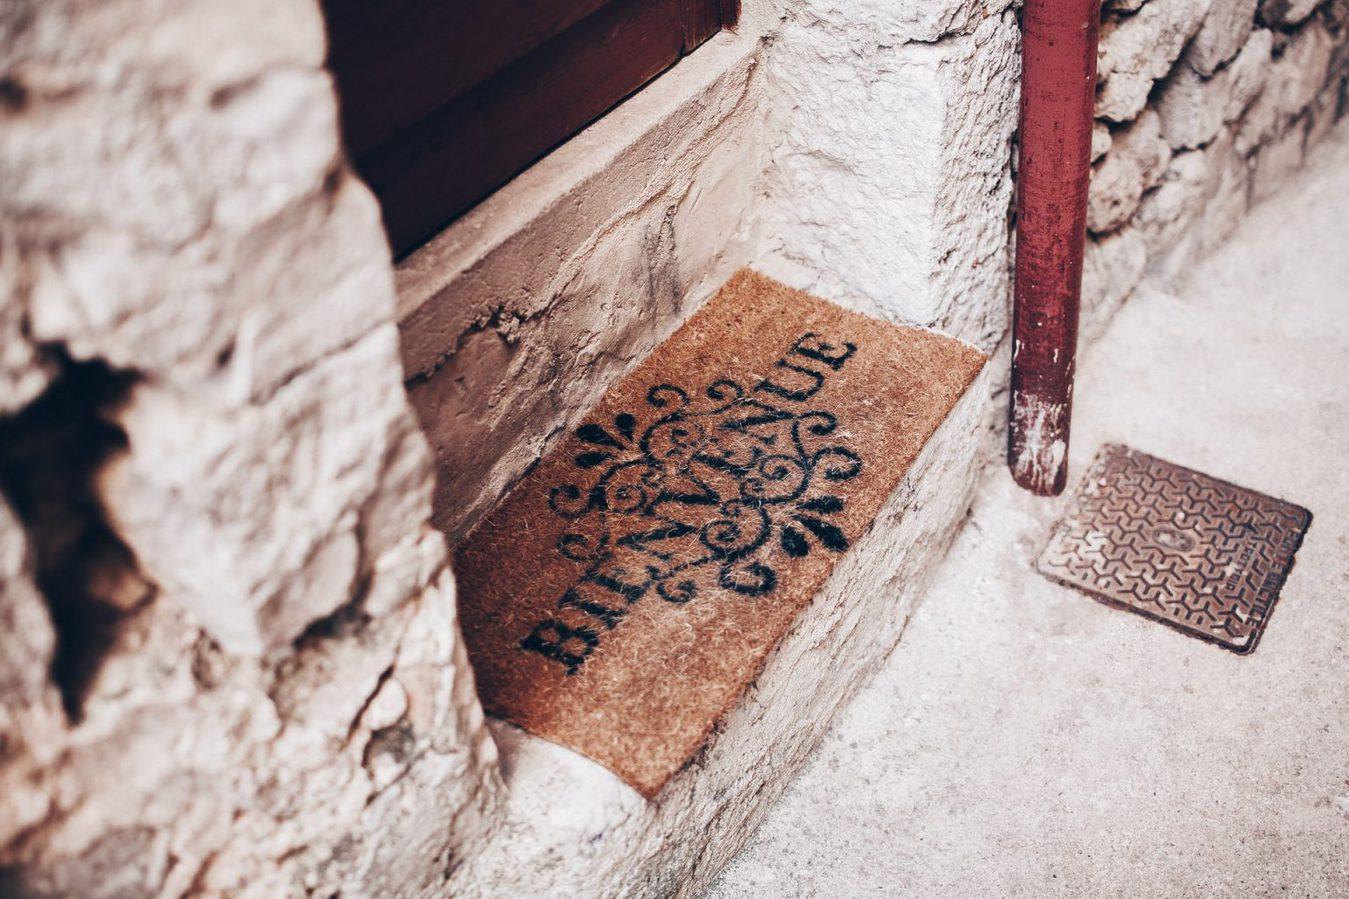 Tapete com boas-vindas escritas em francês